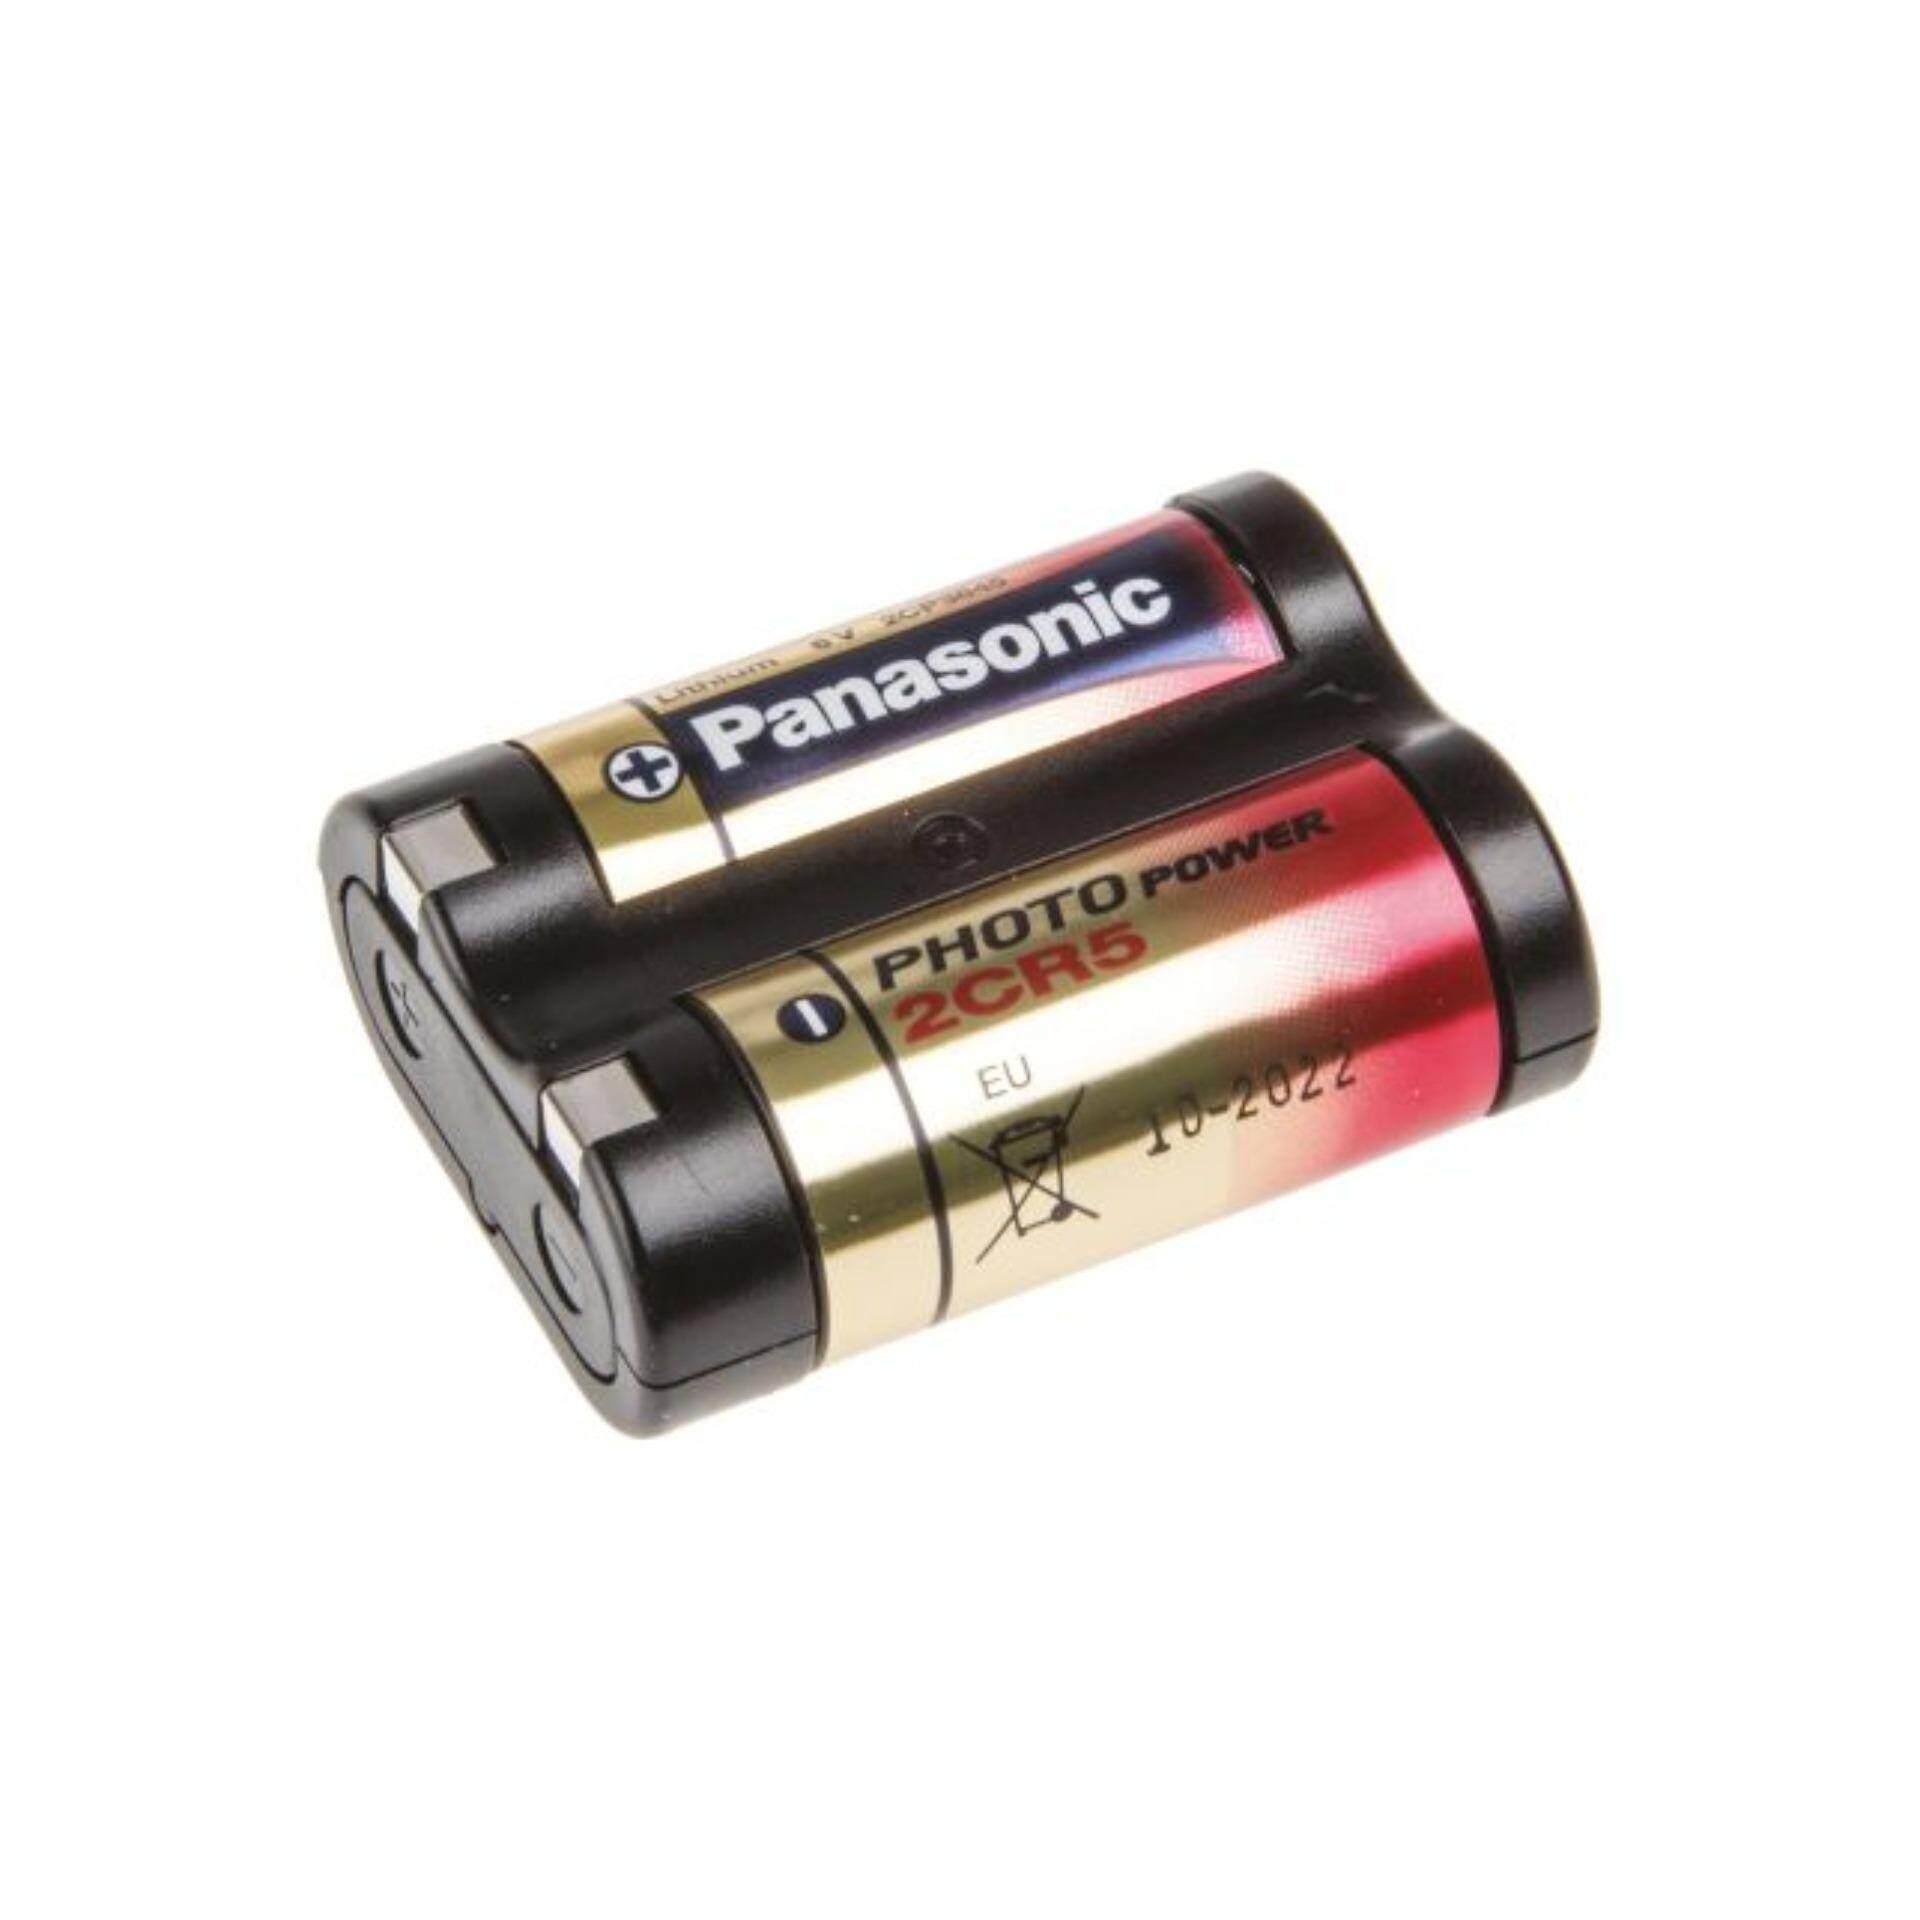 Panasonic ถ่านกล้องถ่ายรูป 2CR5 6V - สีดำแดง (3 ก้อน)